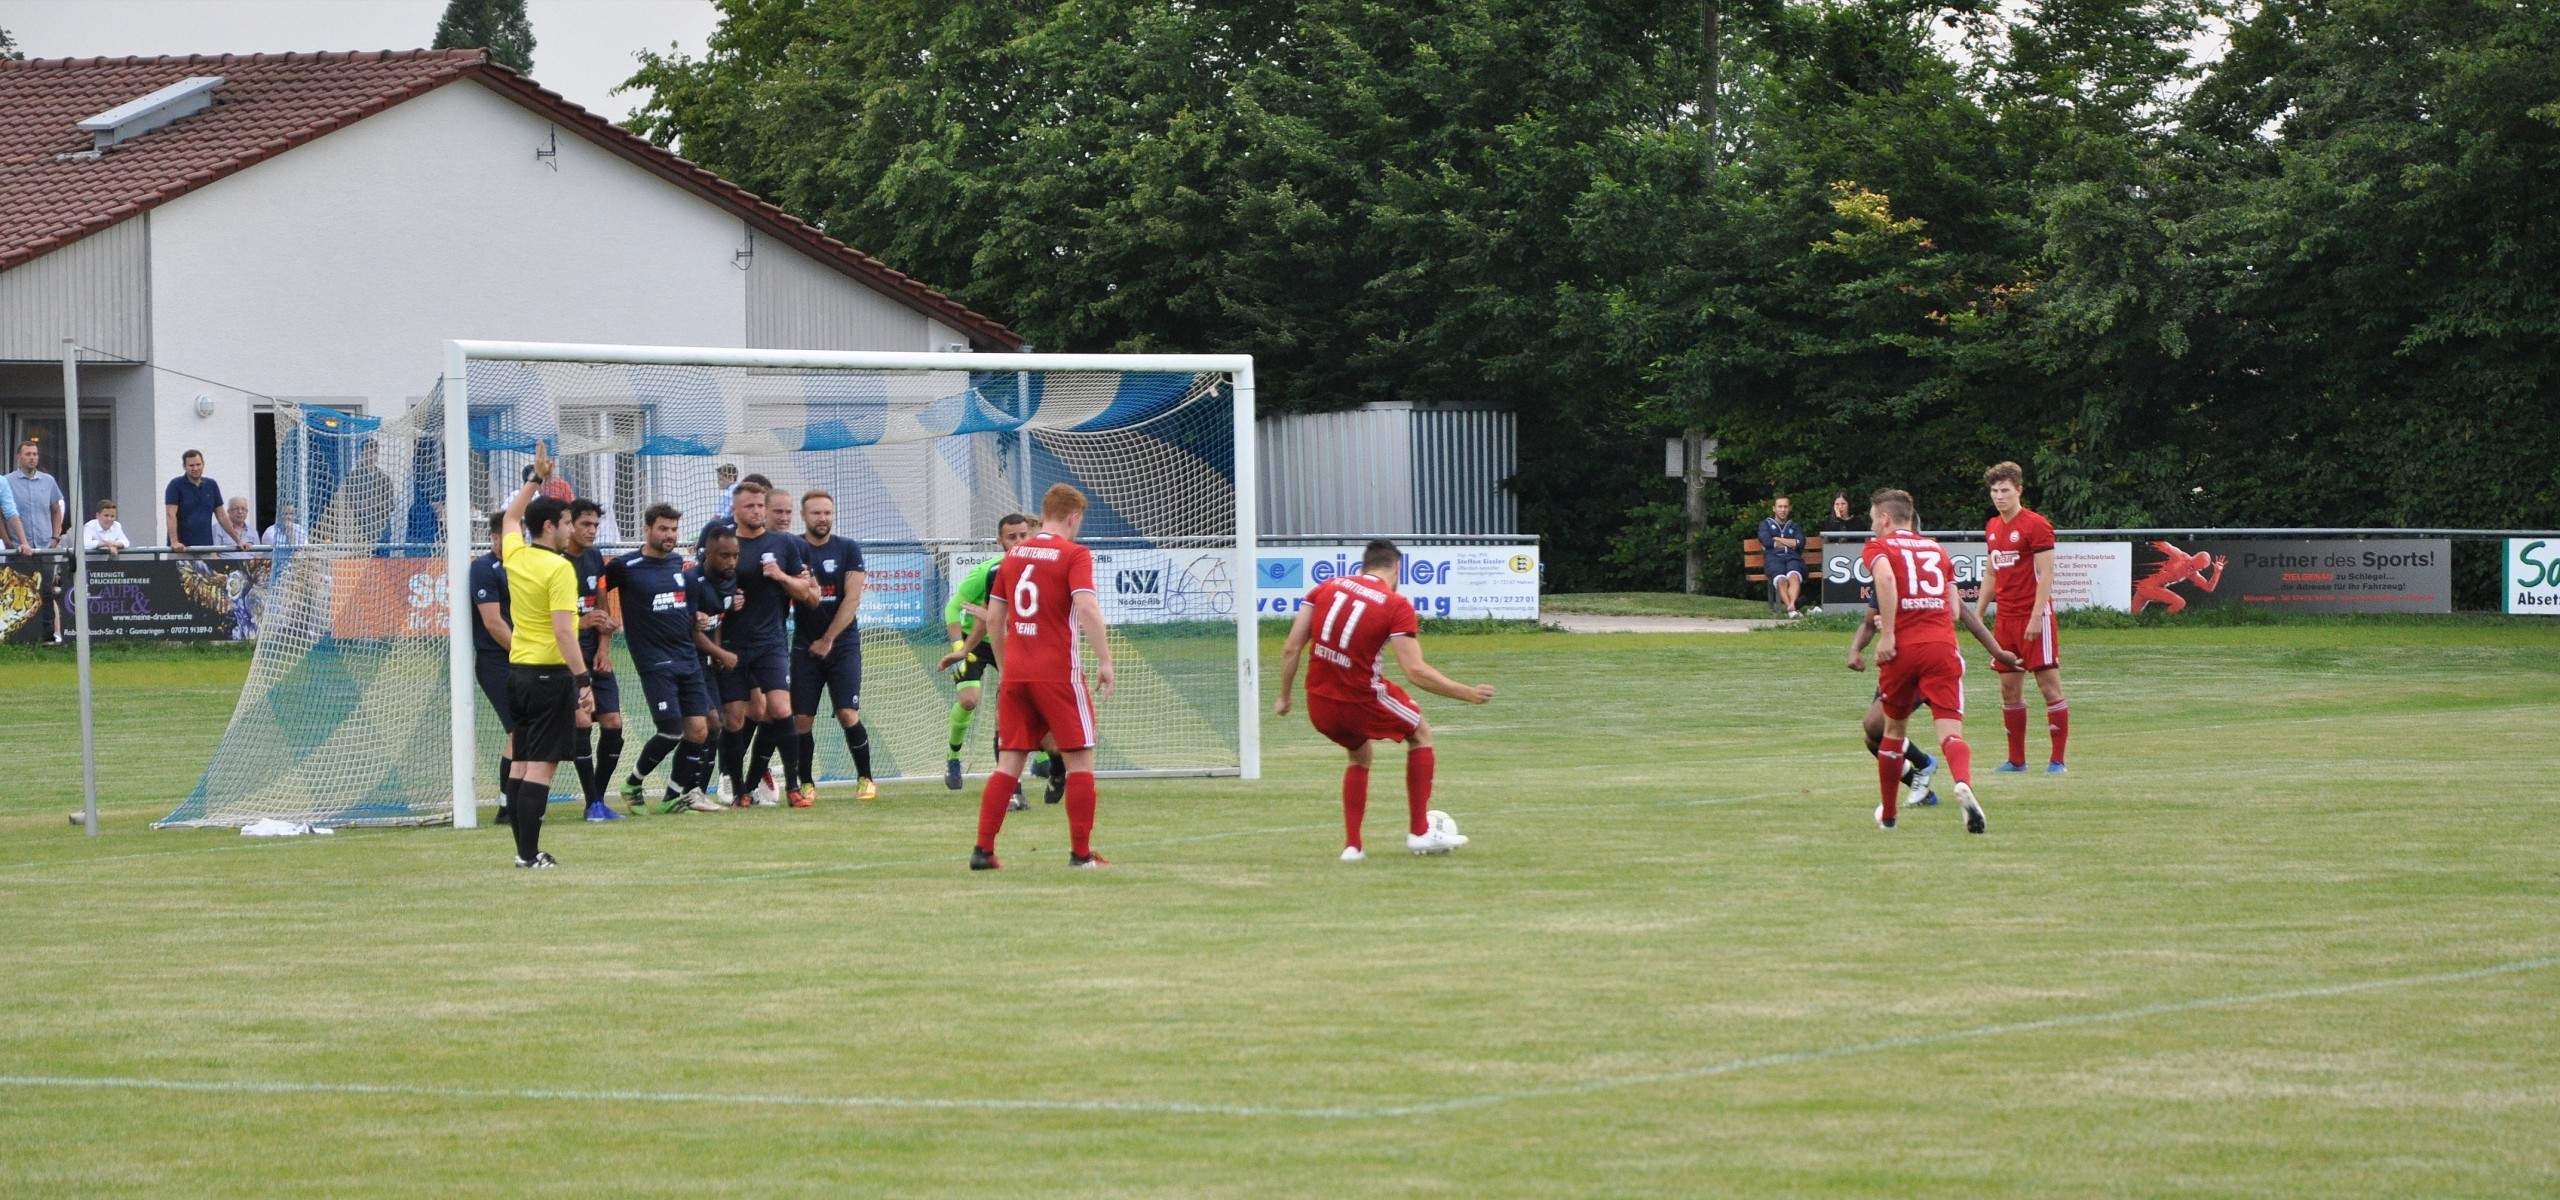 Bezirksliga Alb – Seite 8 – FC Rottenburg 8 e.V.